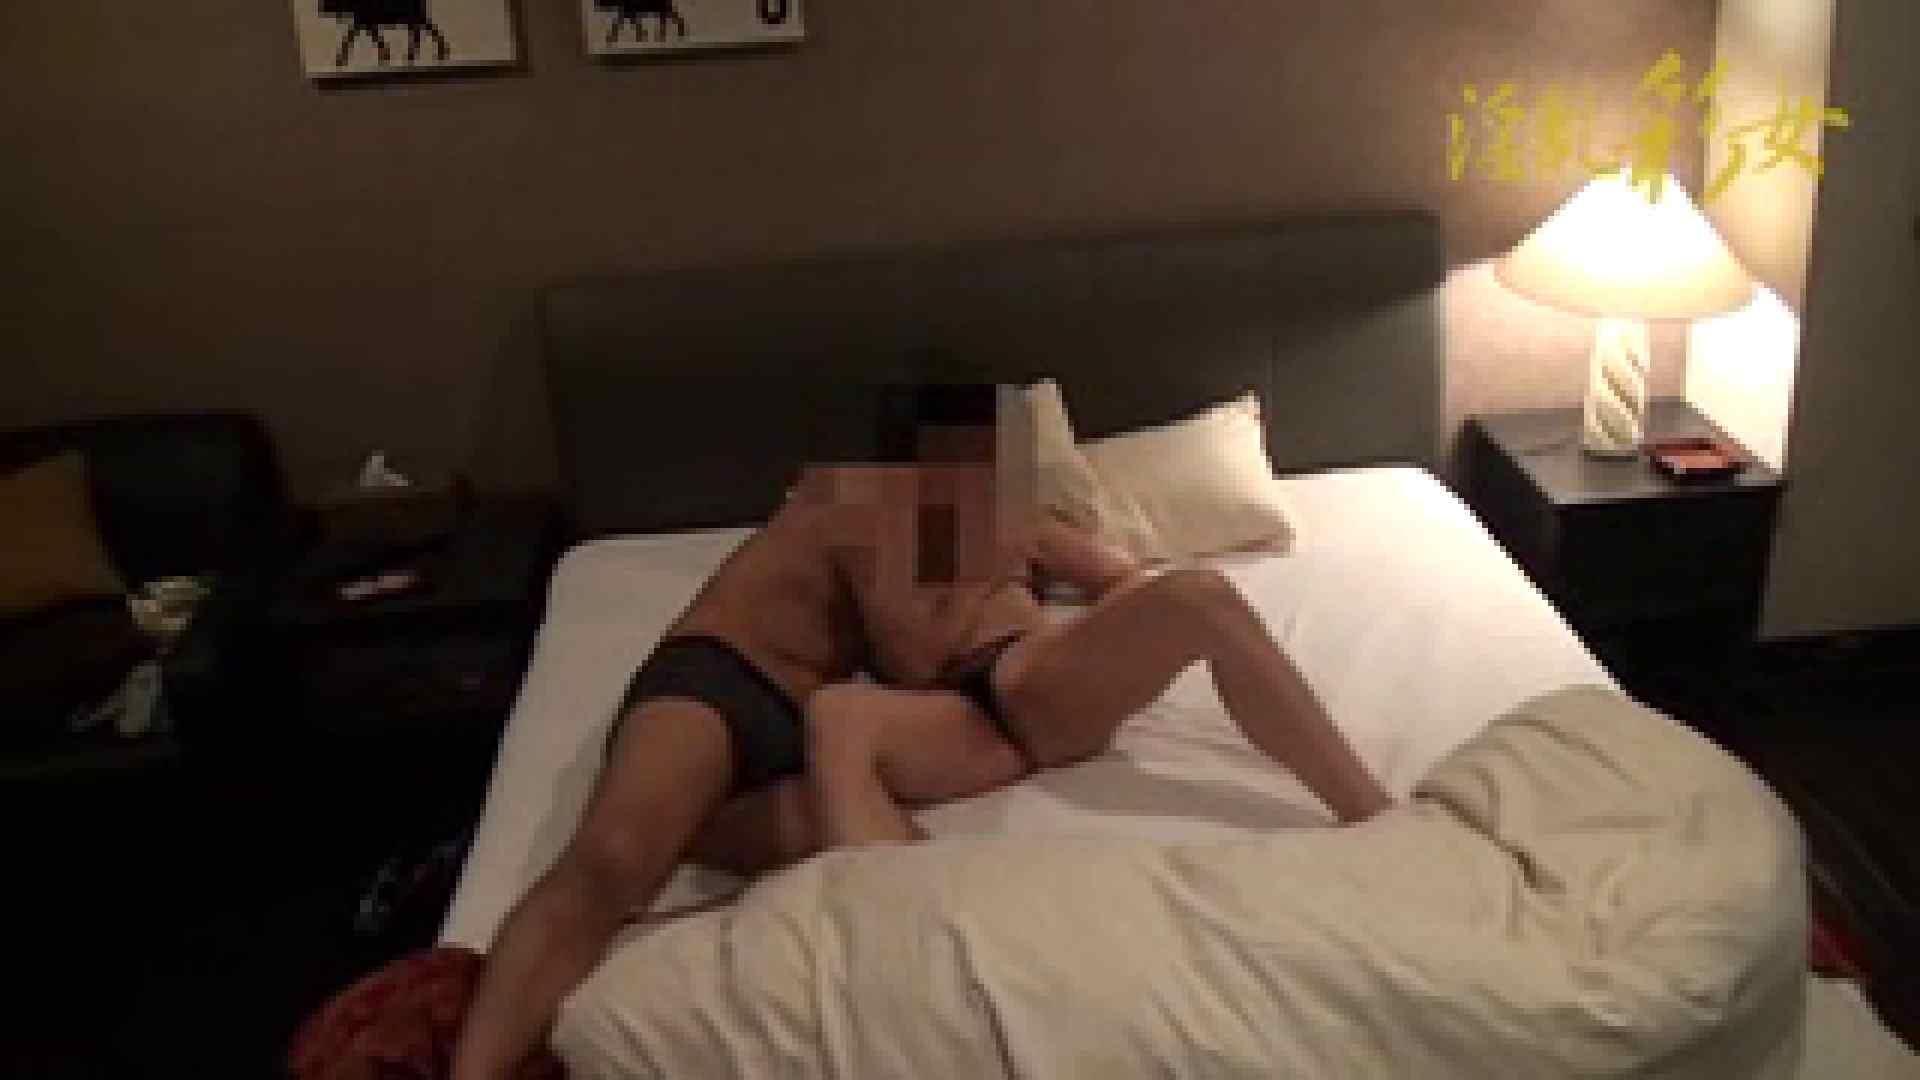 淫乱彩女麻優里 30歳デカマラ単独君 ハイビジョン ホテル隠し撮り | 高画質  84pic 51